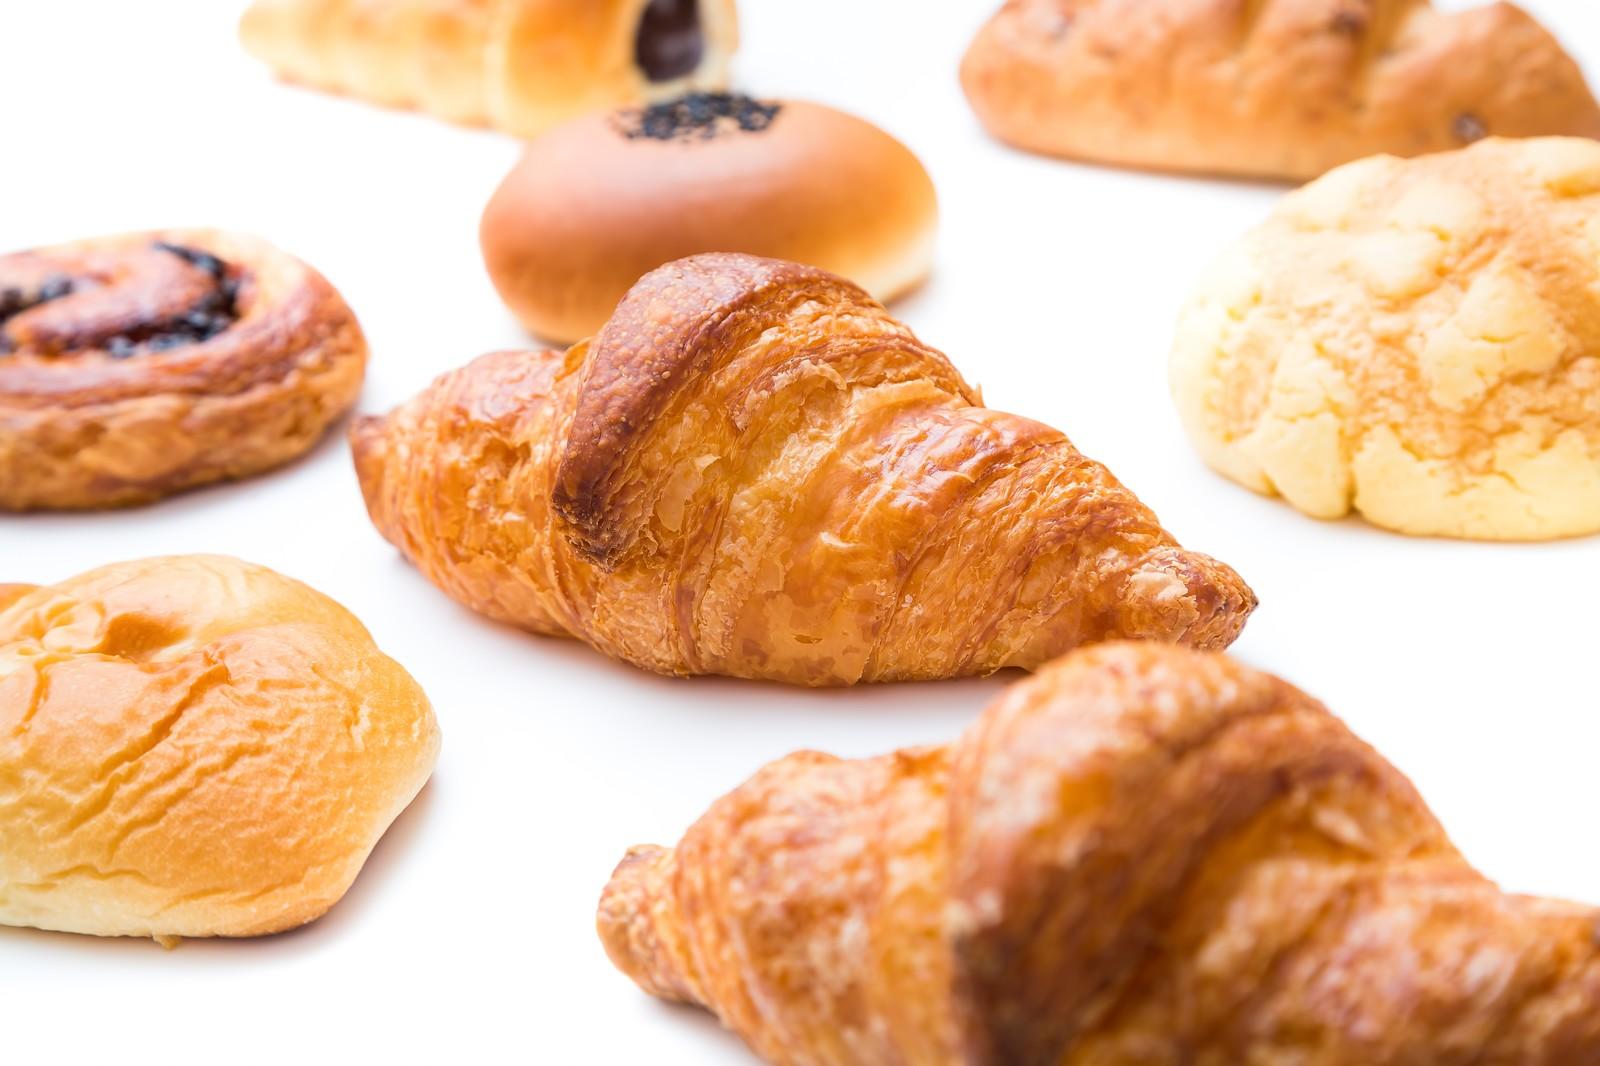 サブウェイのパン,税金,問題,パンではない